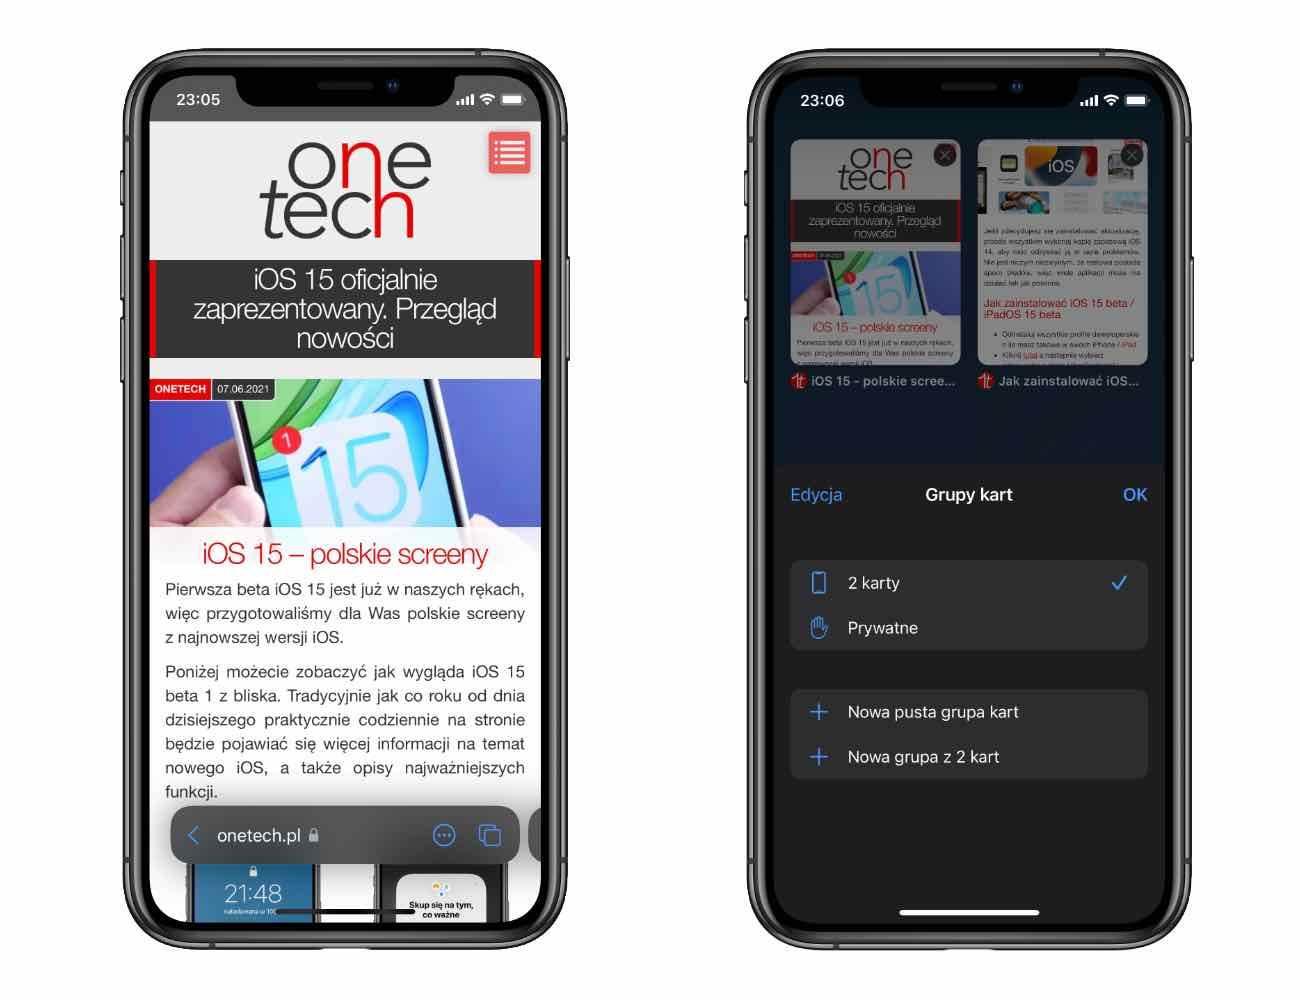 iOS 15 - polskie screeny polecane, ciekawostki zrzuty ekranu, screeny, polskie screeny z iOS 15, jak wygląda iOS 15, iOS 15 screeny, iOS 14 screeny, iOS, Apple  Pierwsza beta iOS 15 jest już w naszych rękach, więc przygotowaliśmy dla Was polskie screeny z najnowszej wersji iOS. iOS15beta1 12